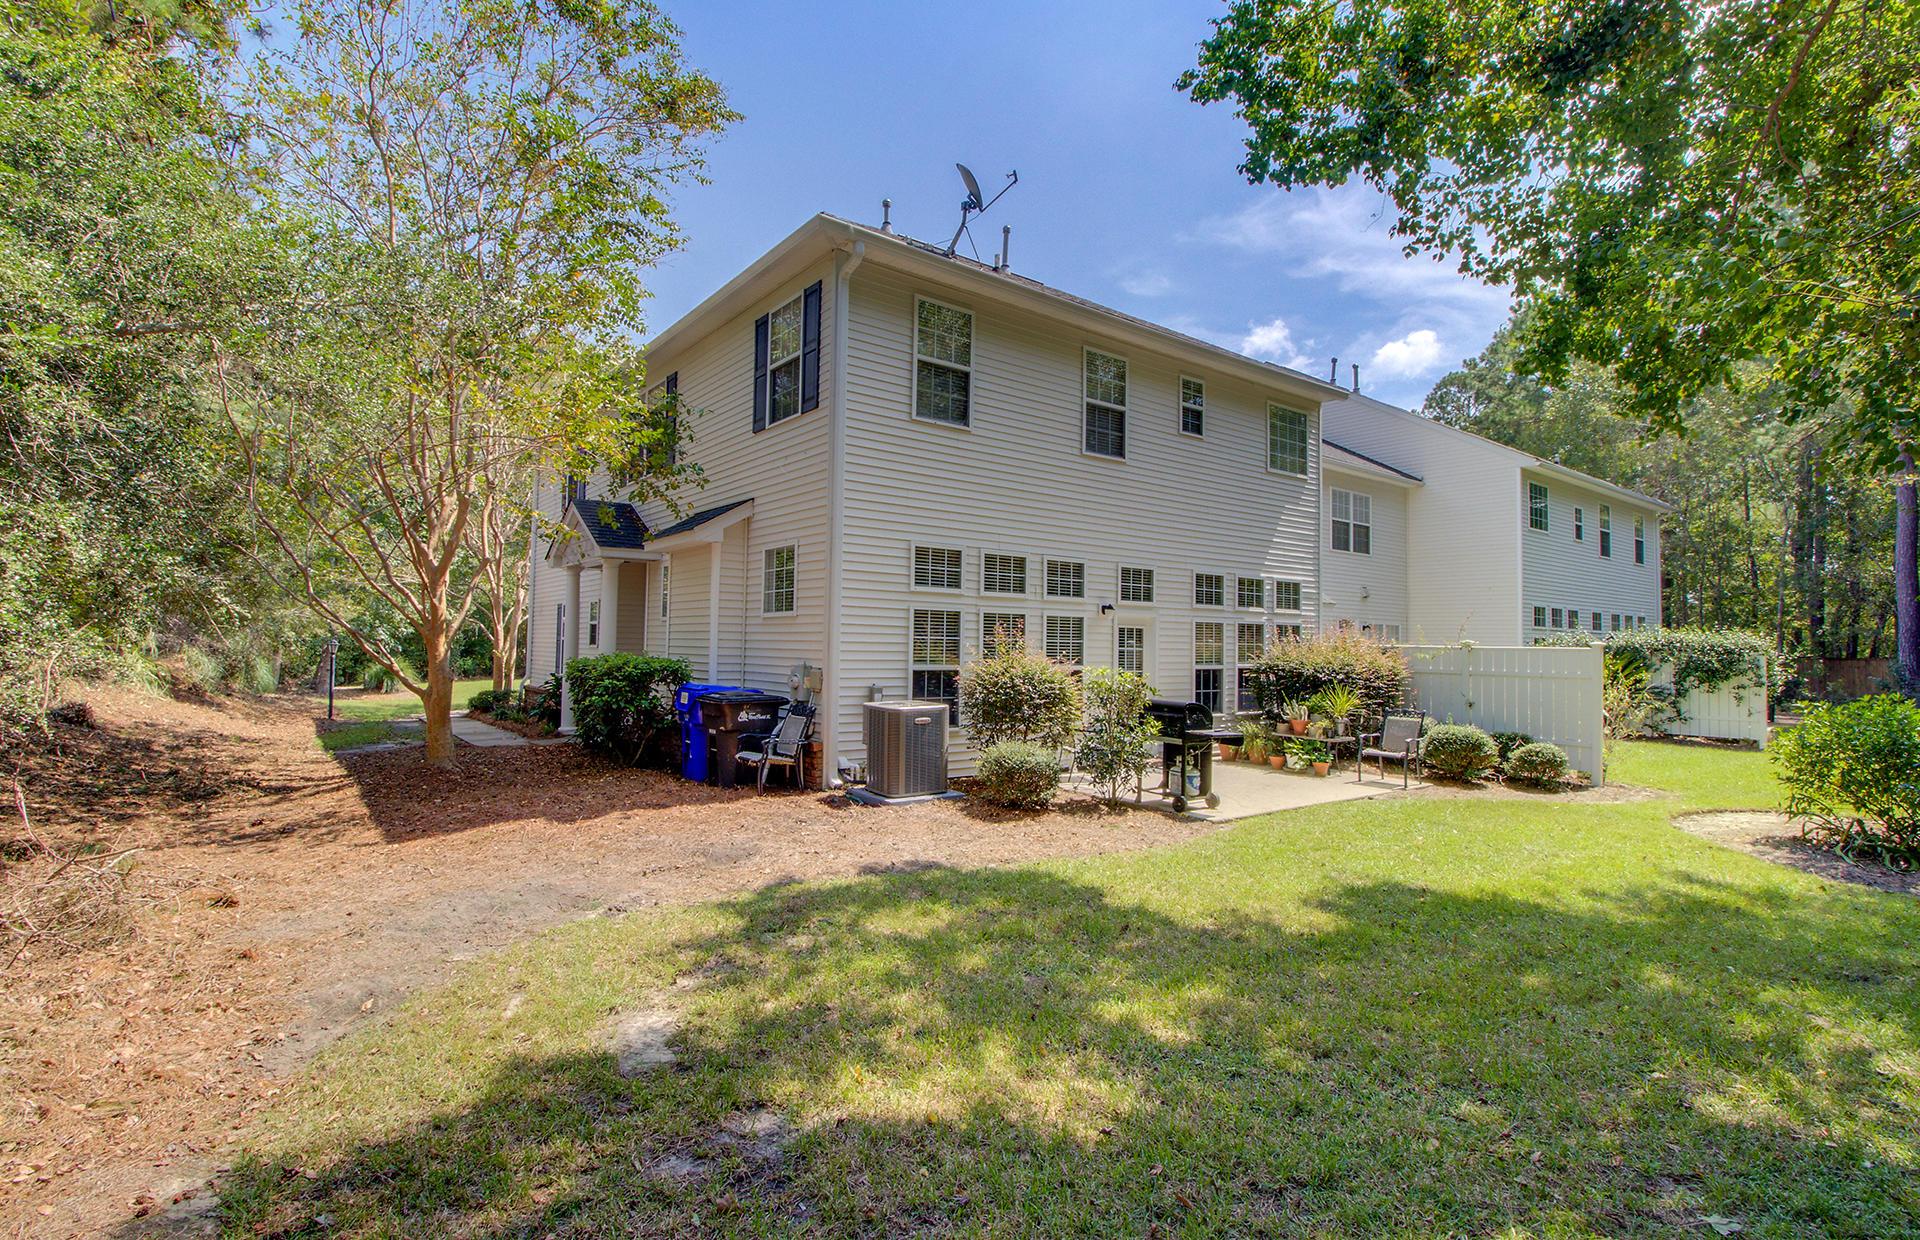 Park West Homes For Sale - 2500 Draymohr, Mount Pleasant, SC - 0